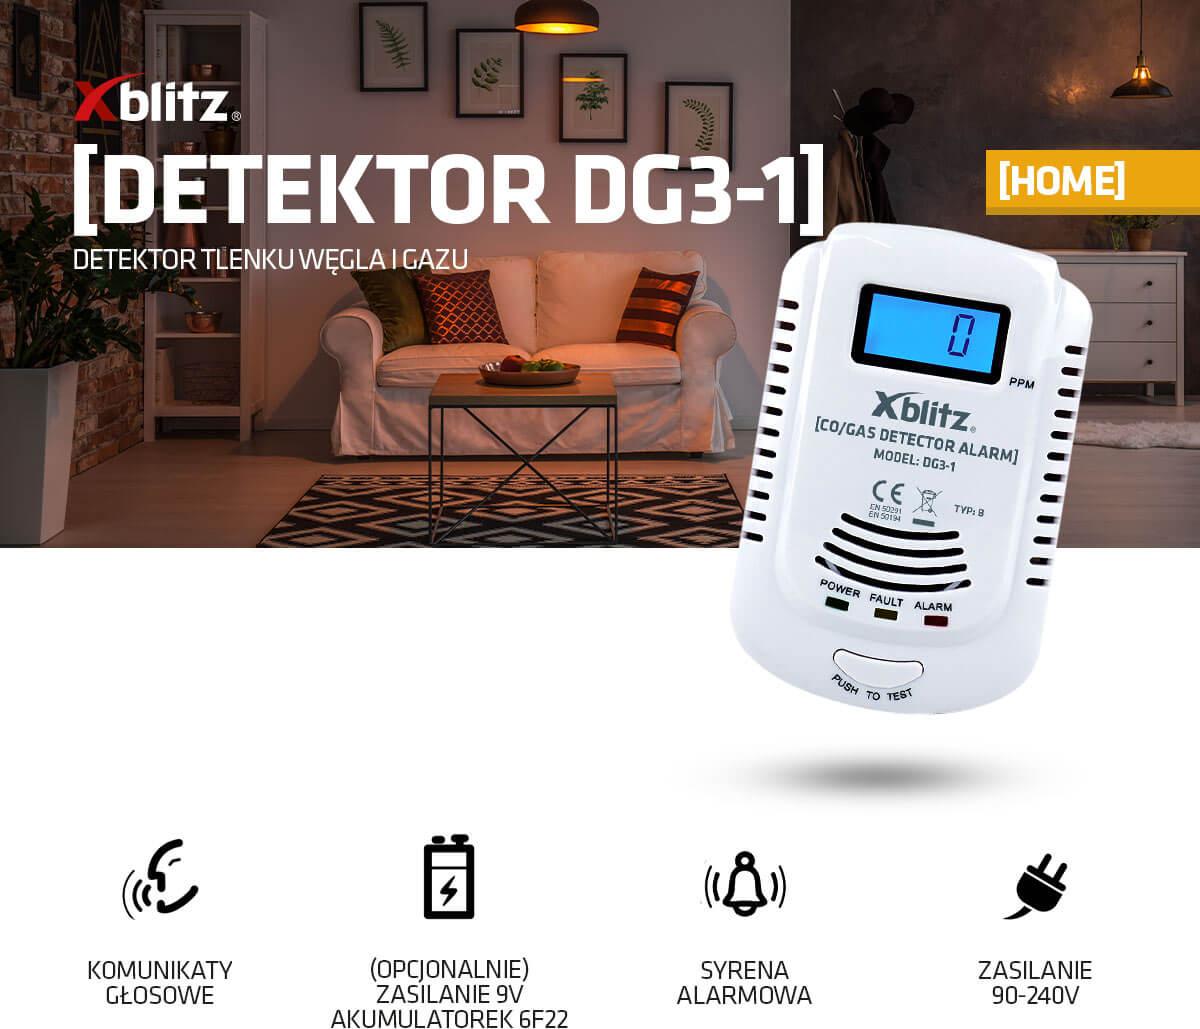 Detektor tlenku węgla i gazu Xblitz DG3-1